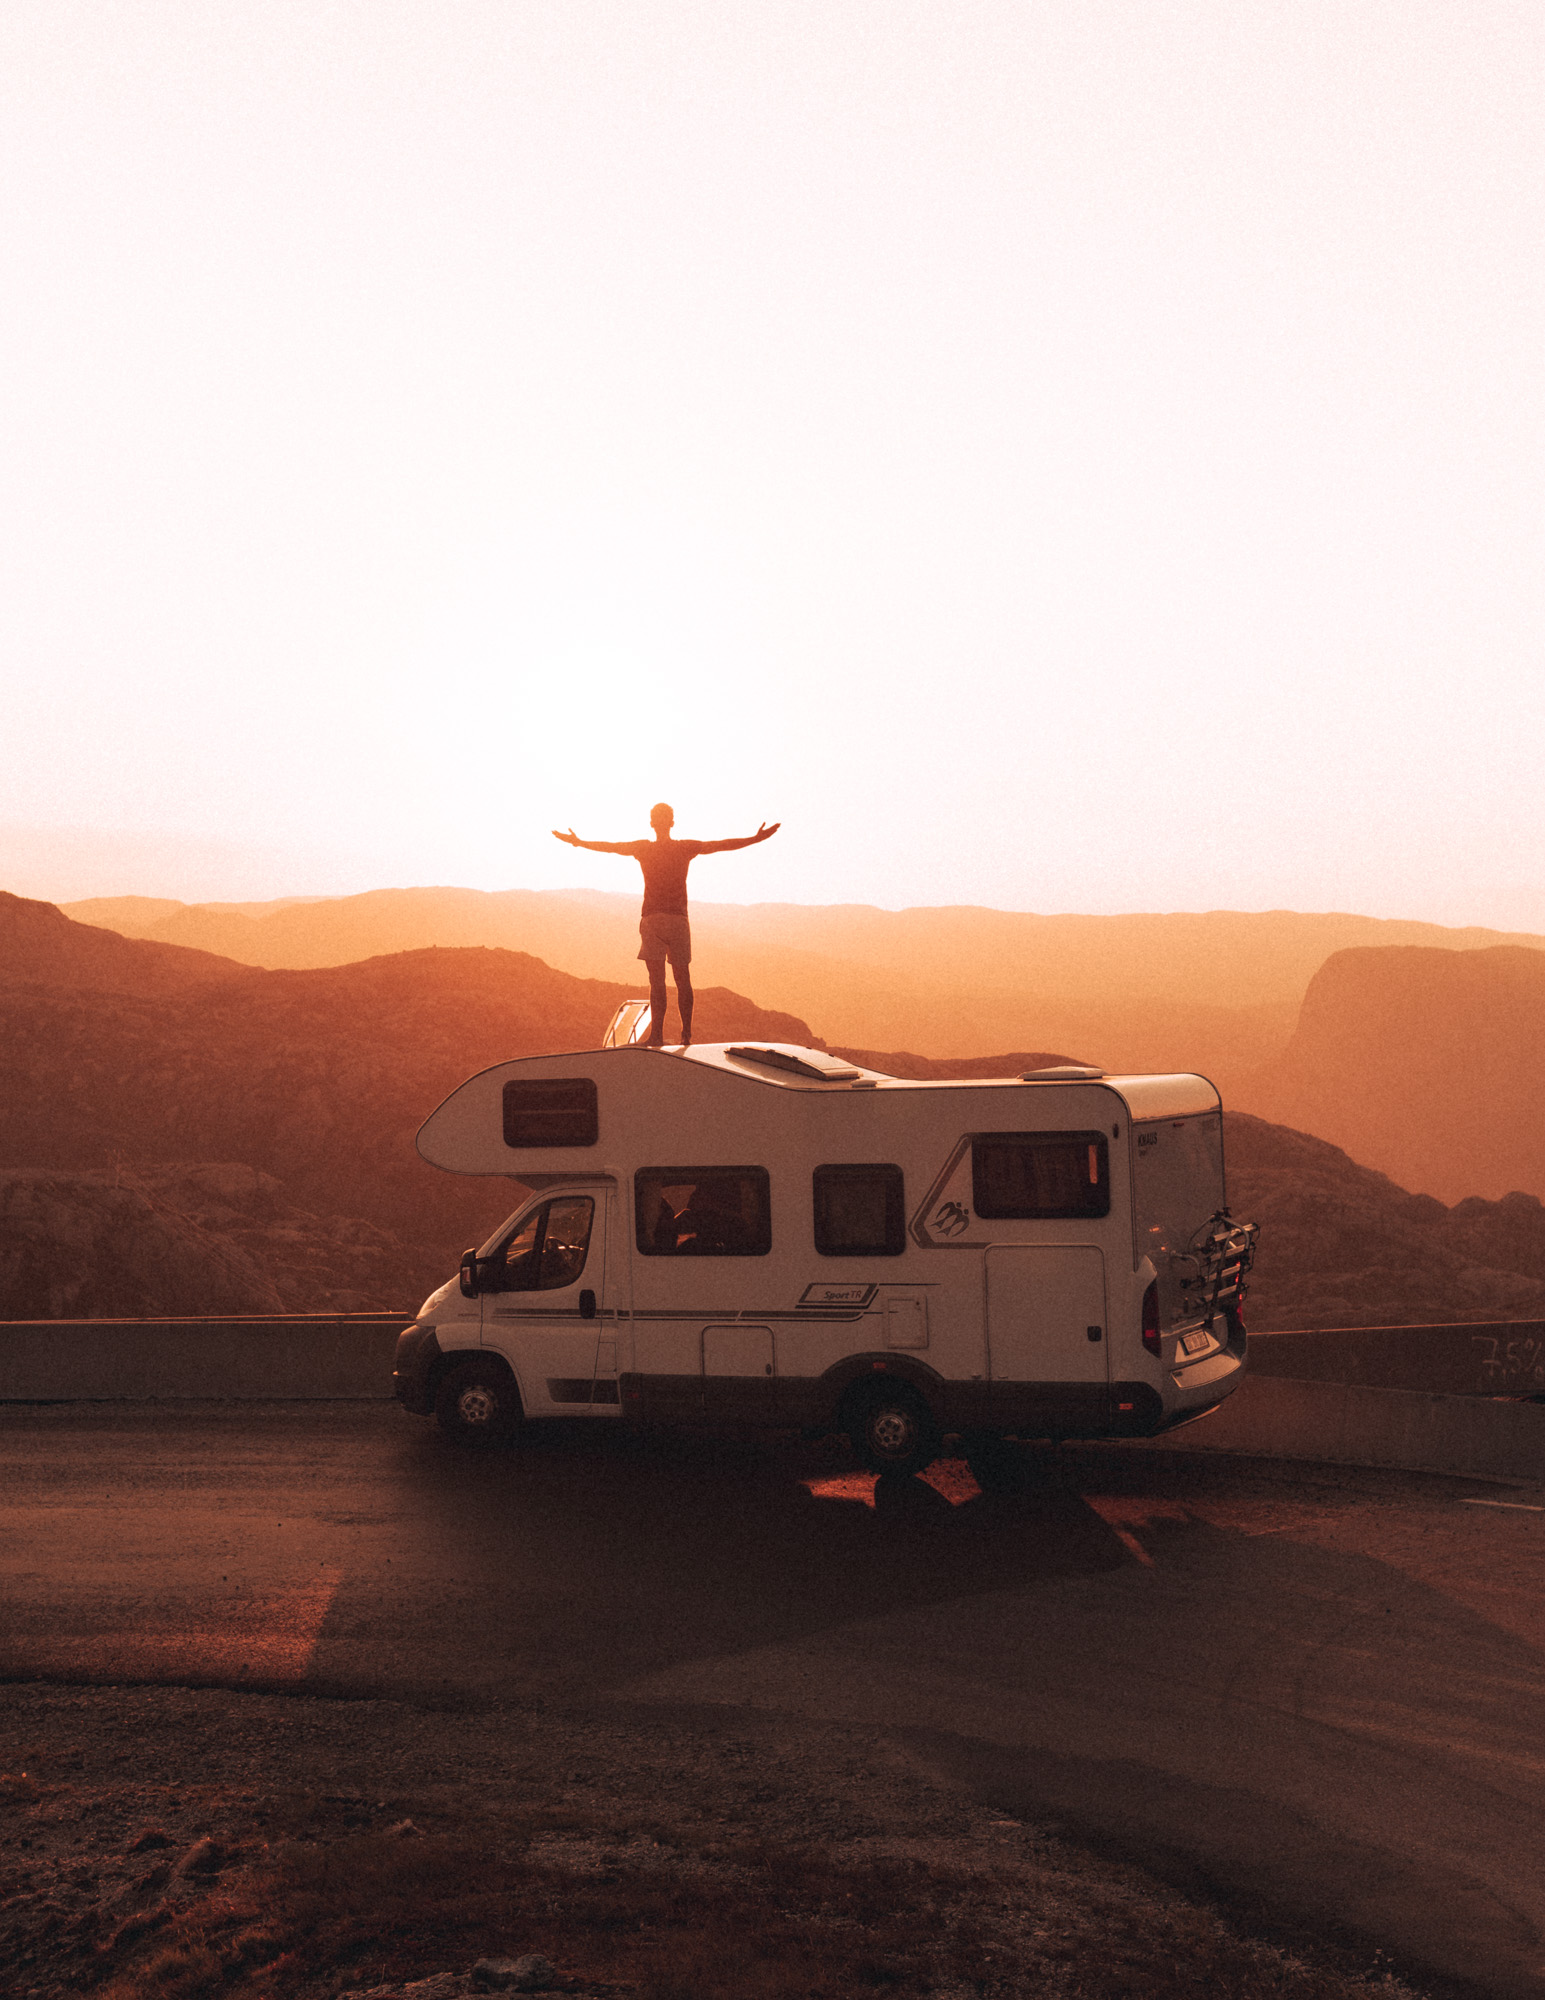 Mann steht im Sonnenuntergang auf Wohnmobildach in Norwegen